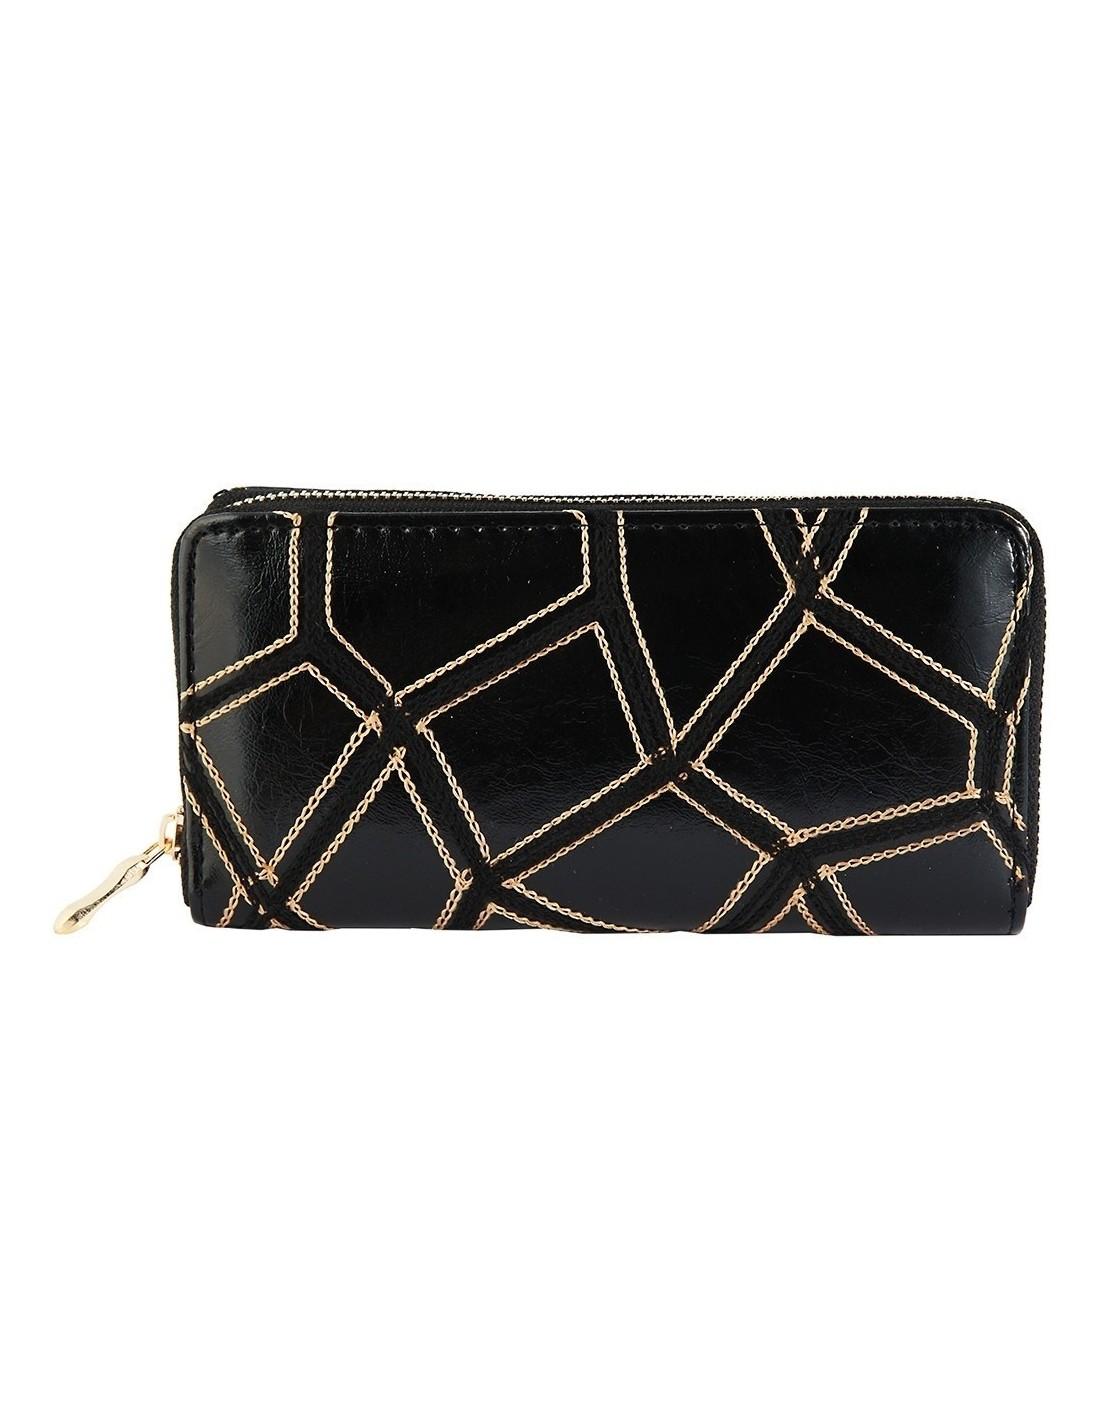 Fekete színű női pénztárca arany színű varrással - Méret 20 x 10 cm -  494073751001 f79a725a69